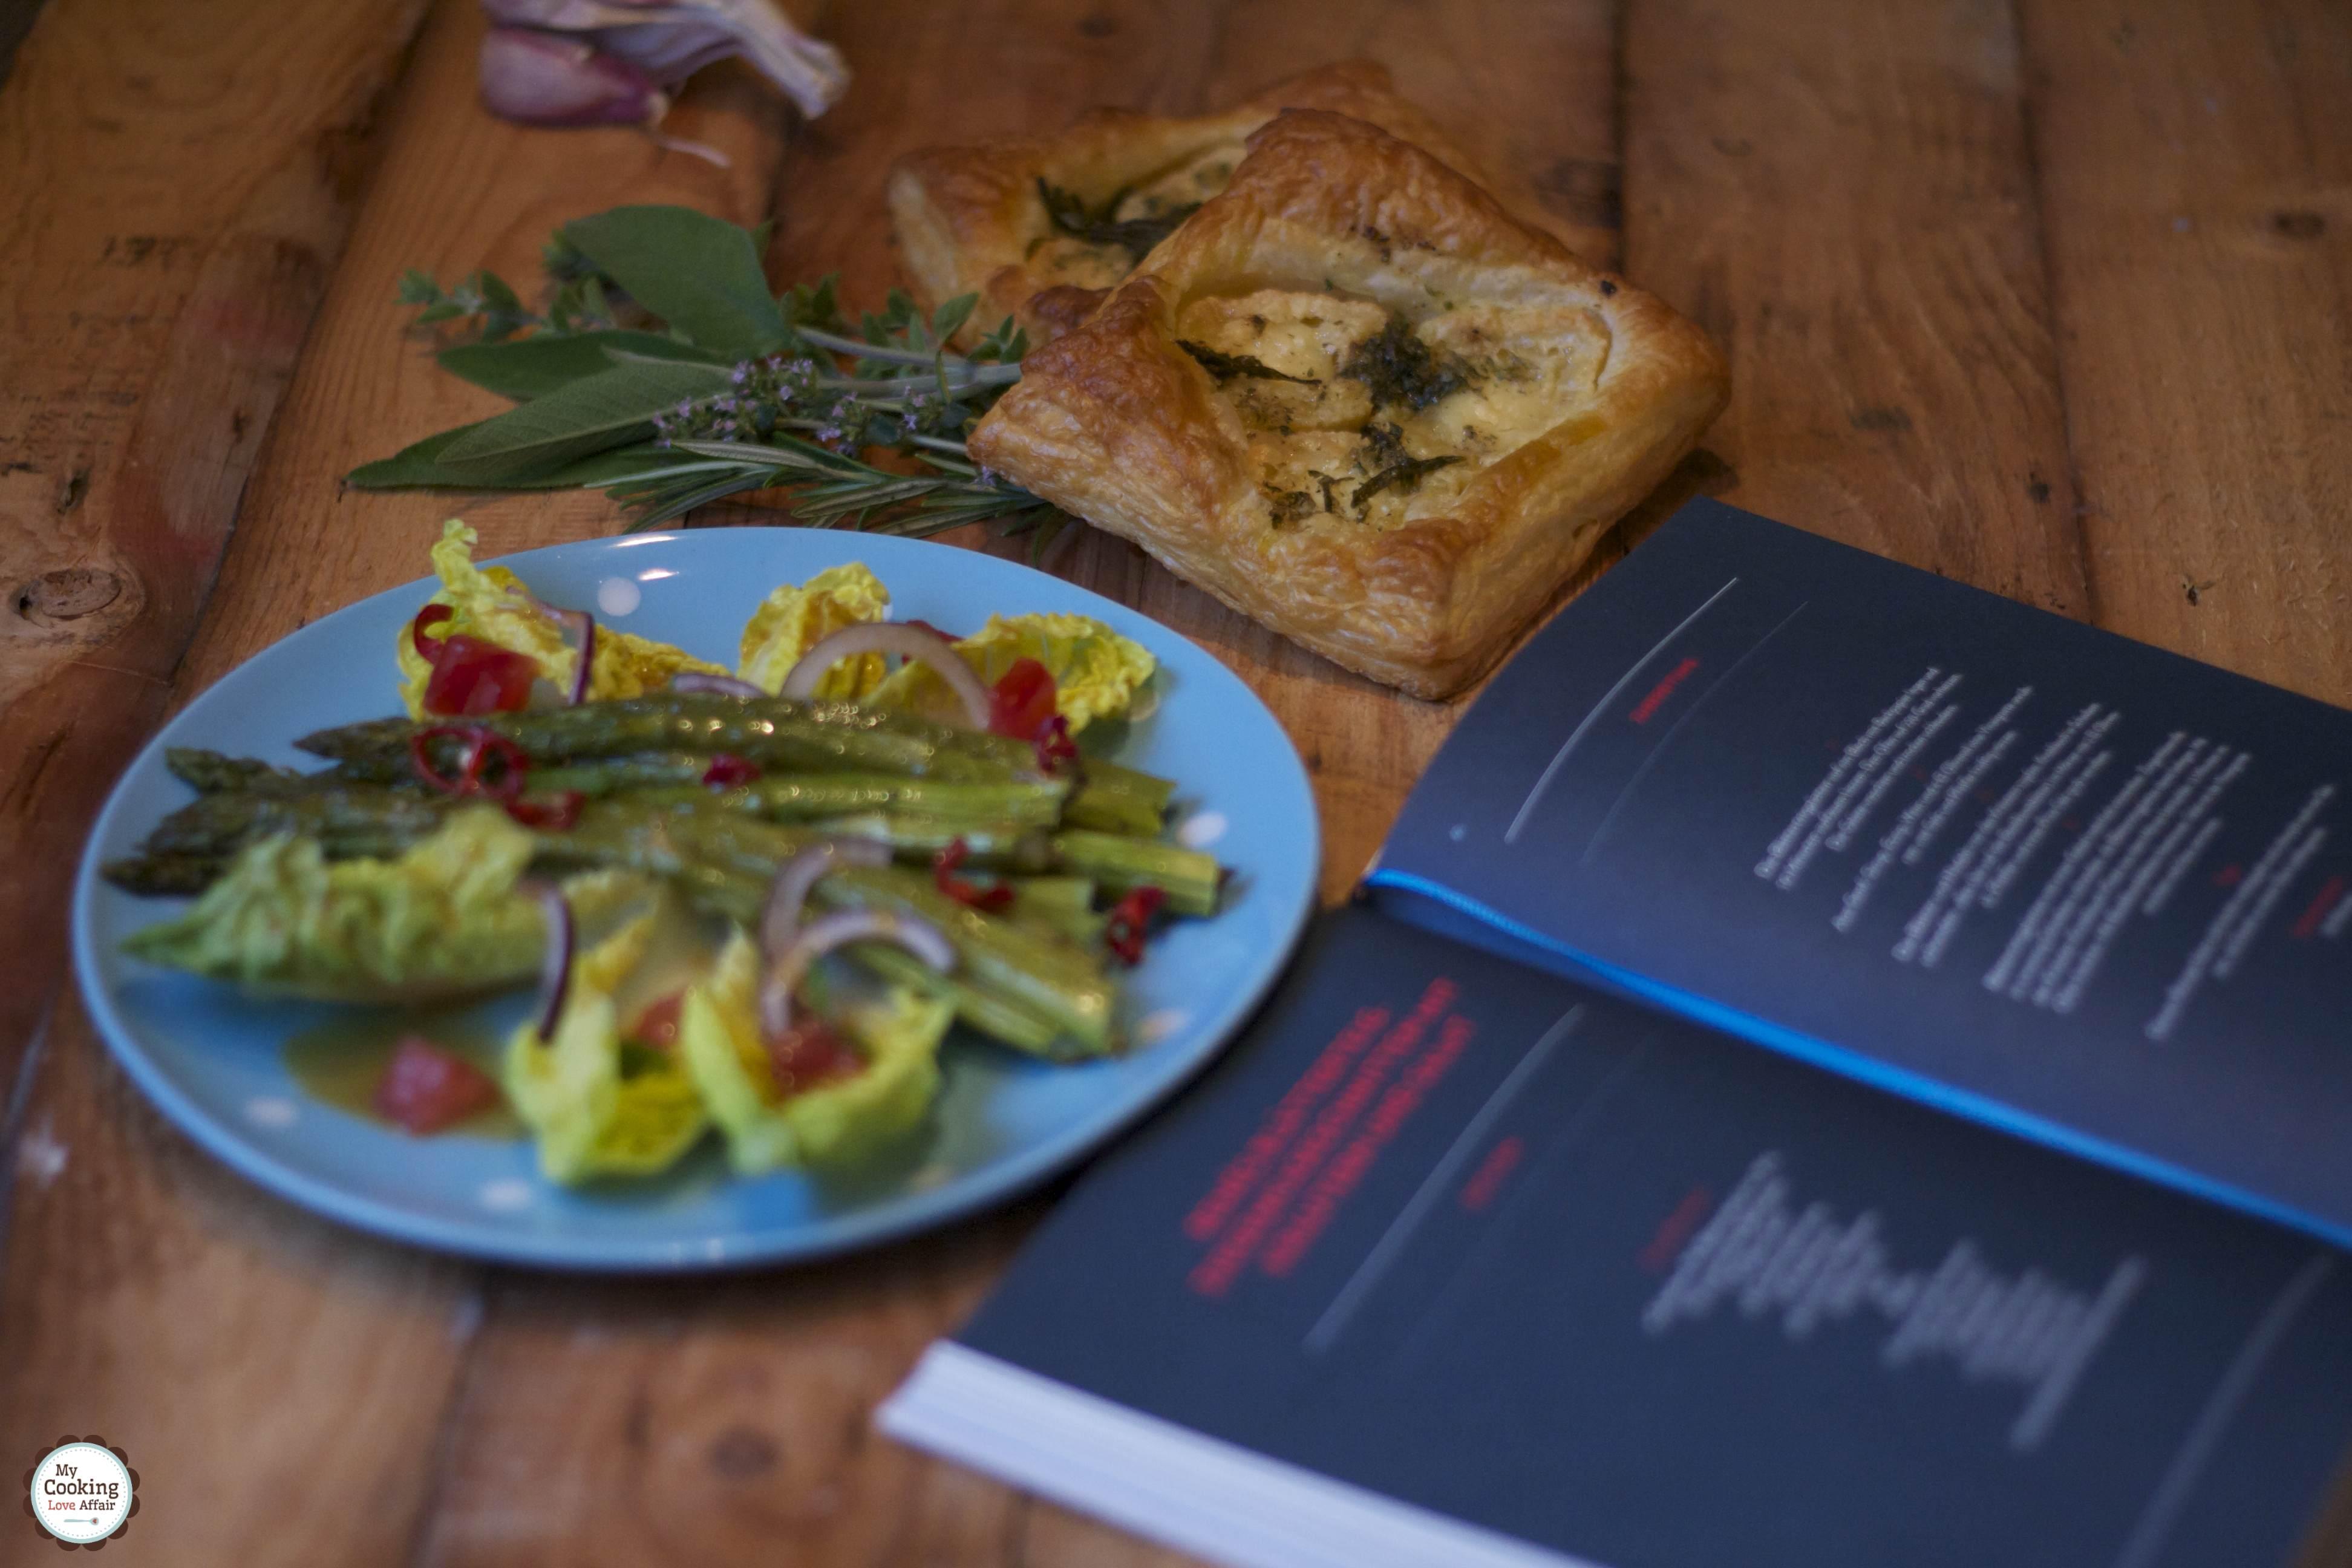 Renés Blätterteig-Ziegenkäseschnitten mit Kräutern und Salat